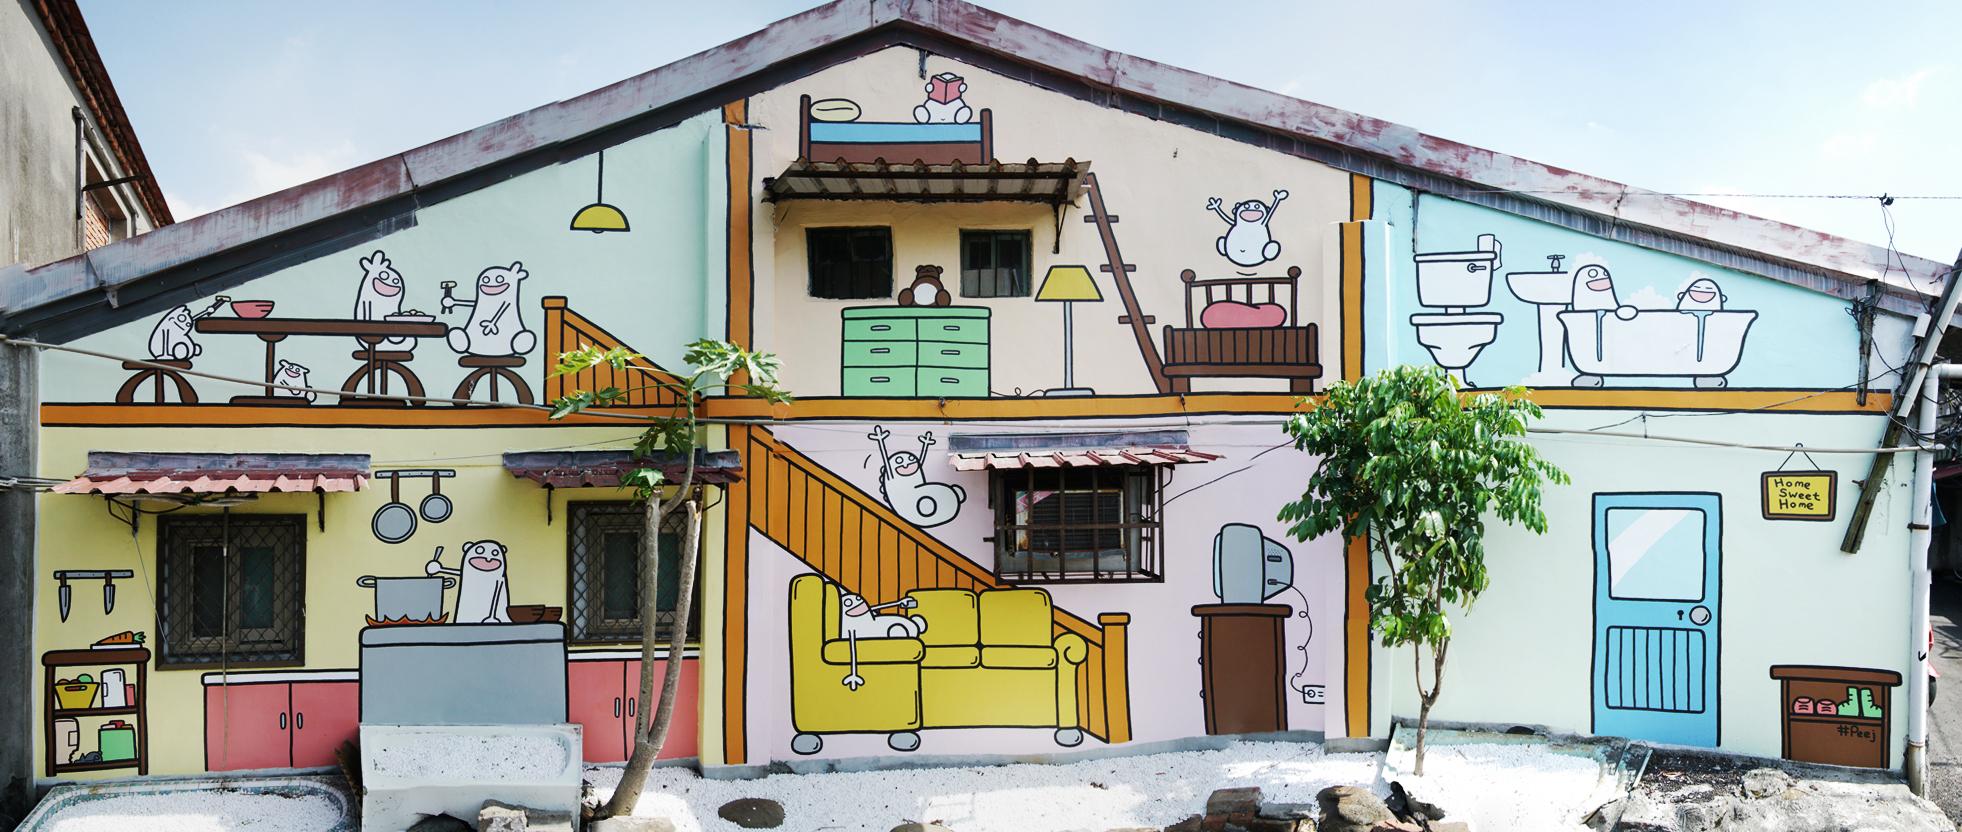 臺北設計城市展一隅